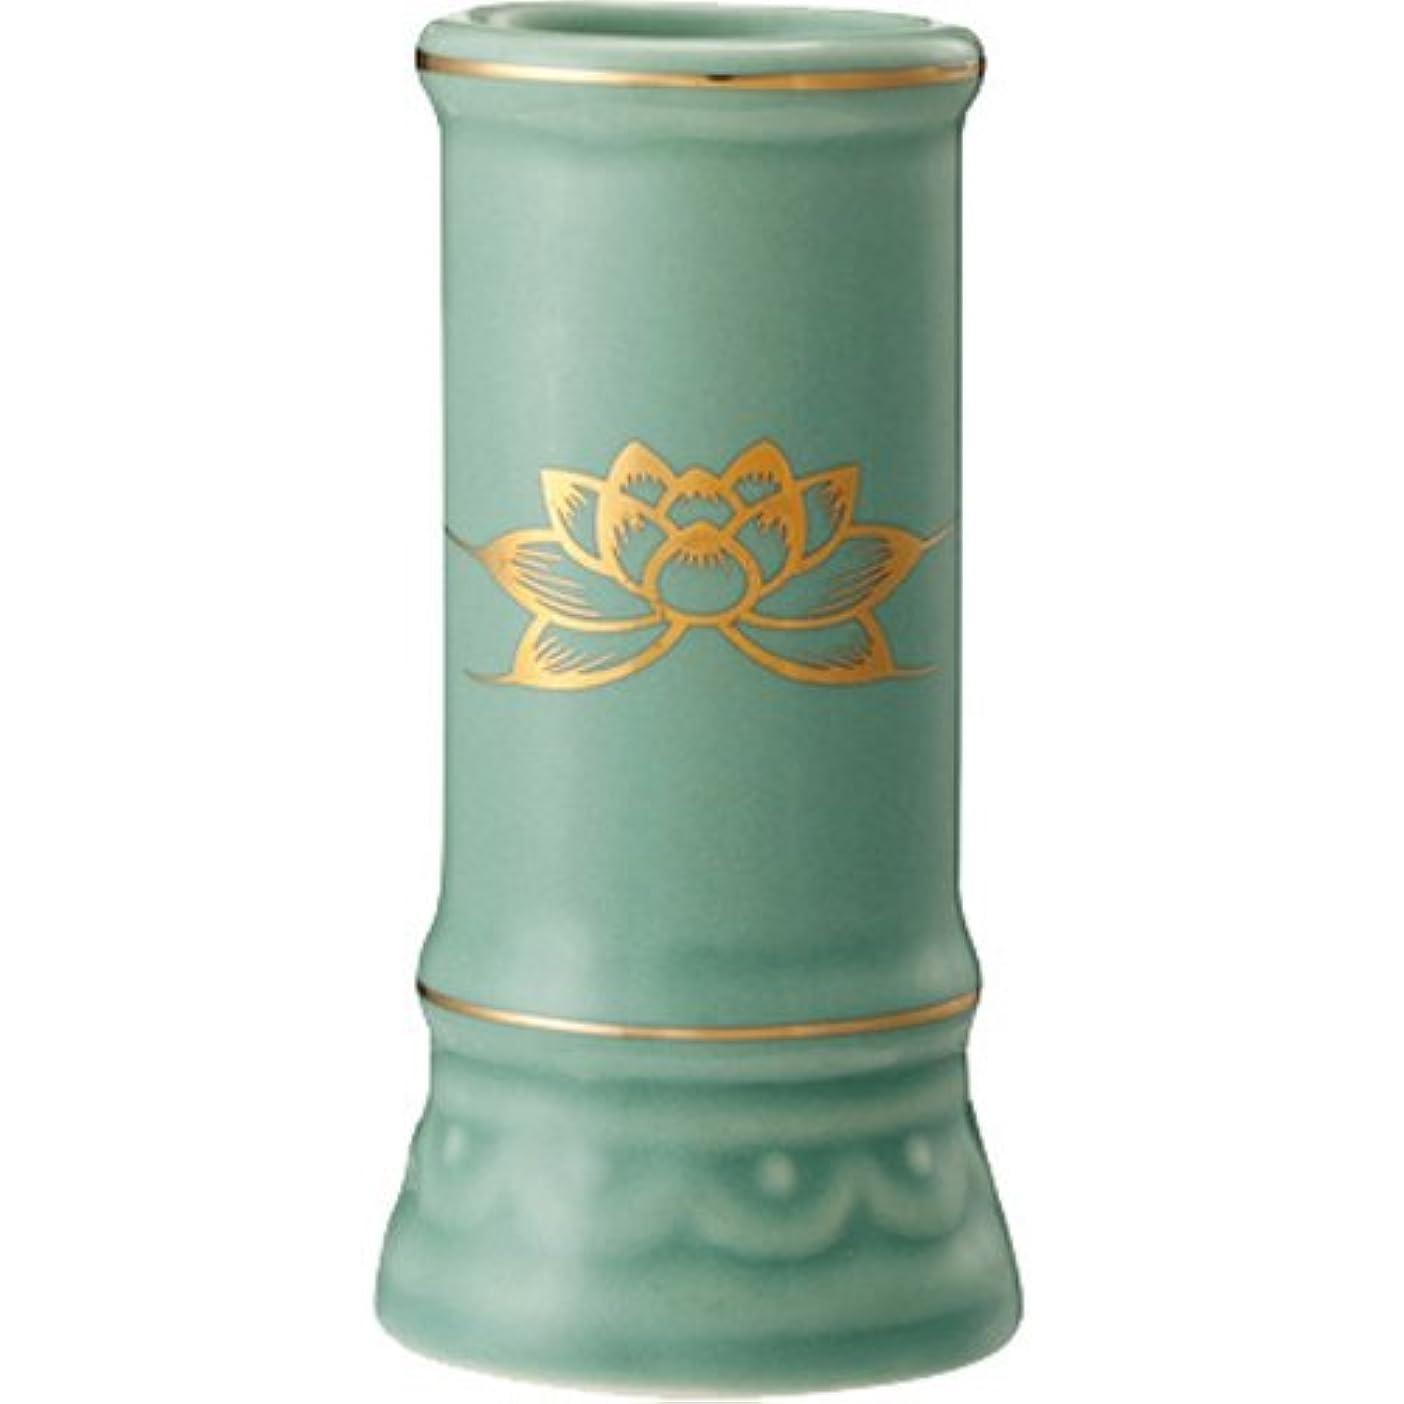 君主制マント楽しむ日本香堂 線香立て ミニ陶器青磁